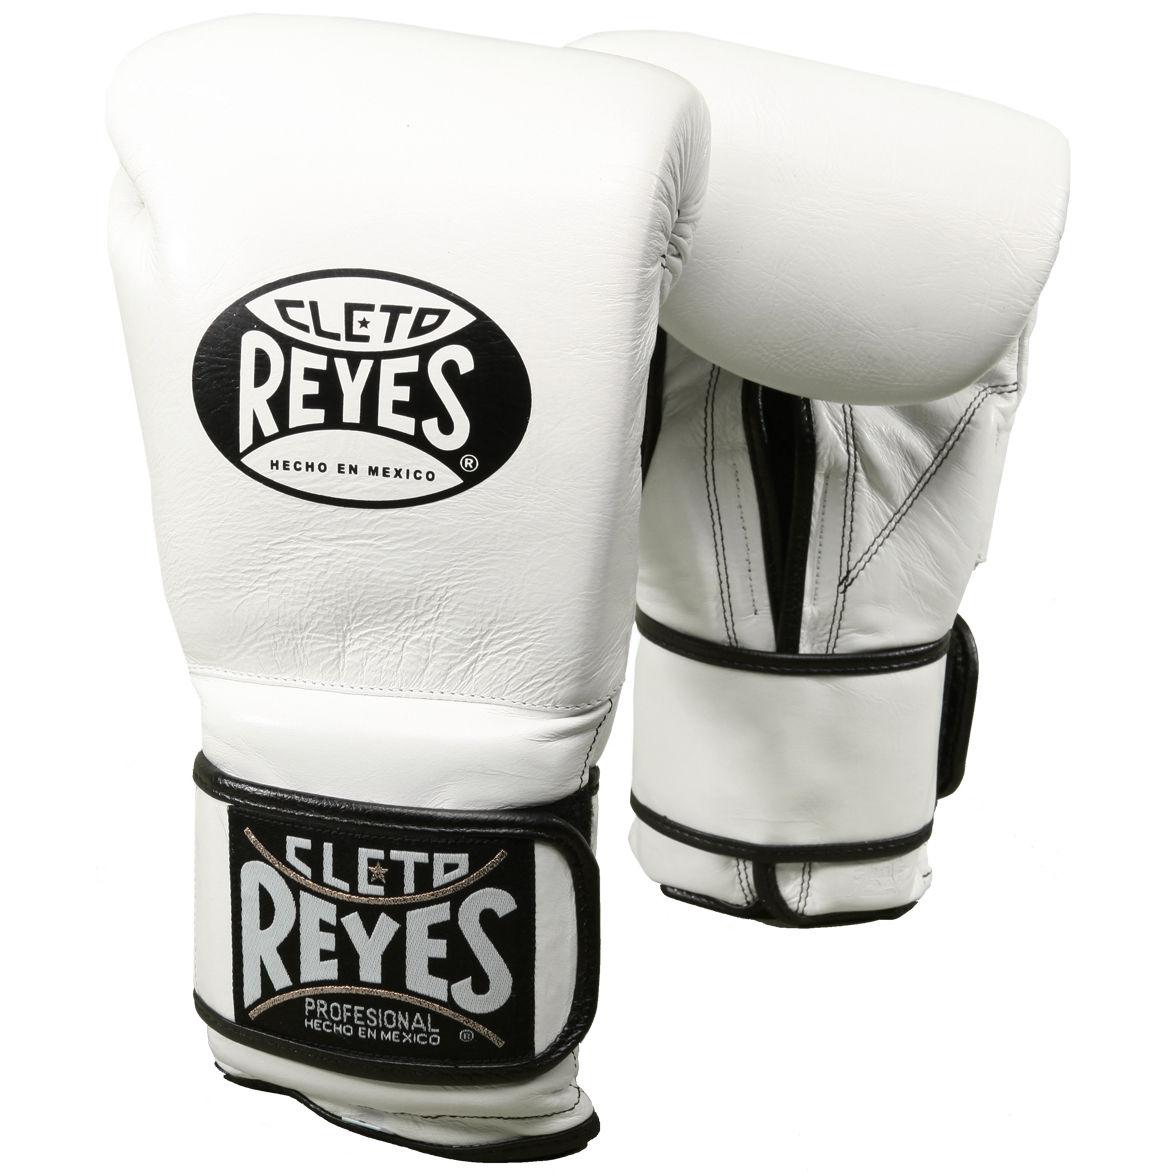 REYES レイジェス ボクシング グローブ ホワイト 白 ボクシンググローブ メキシコ製 本革 オンス 12オンス 14オンス 16オンス 18オンス